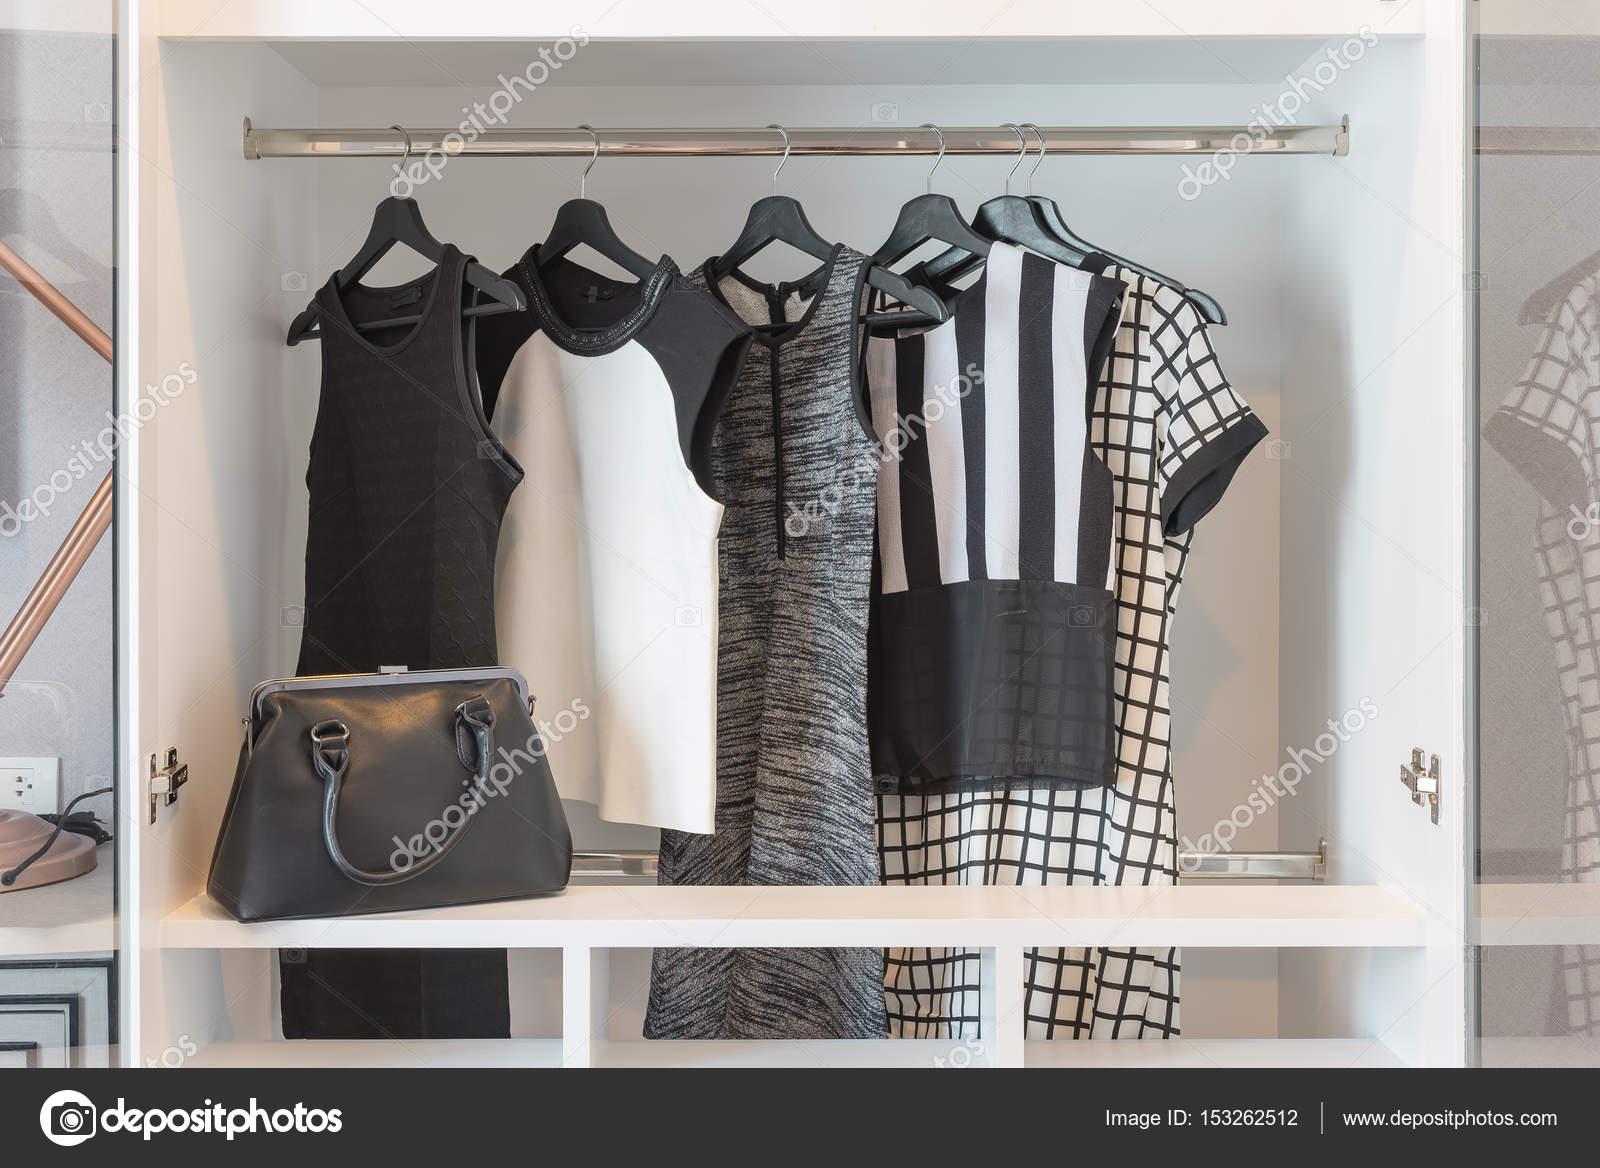 23bddbf879 Fekete-fehér ruha lógott a modern fehér szekrény — Fotó szerzőtől  khongkitwiriyachan| ...